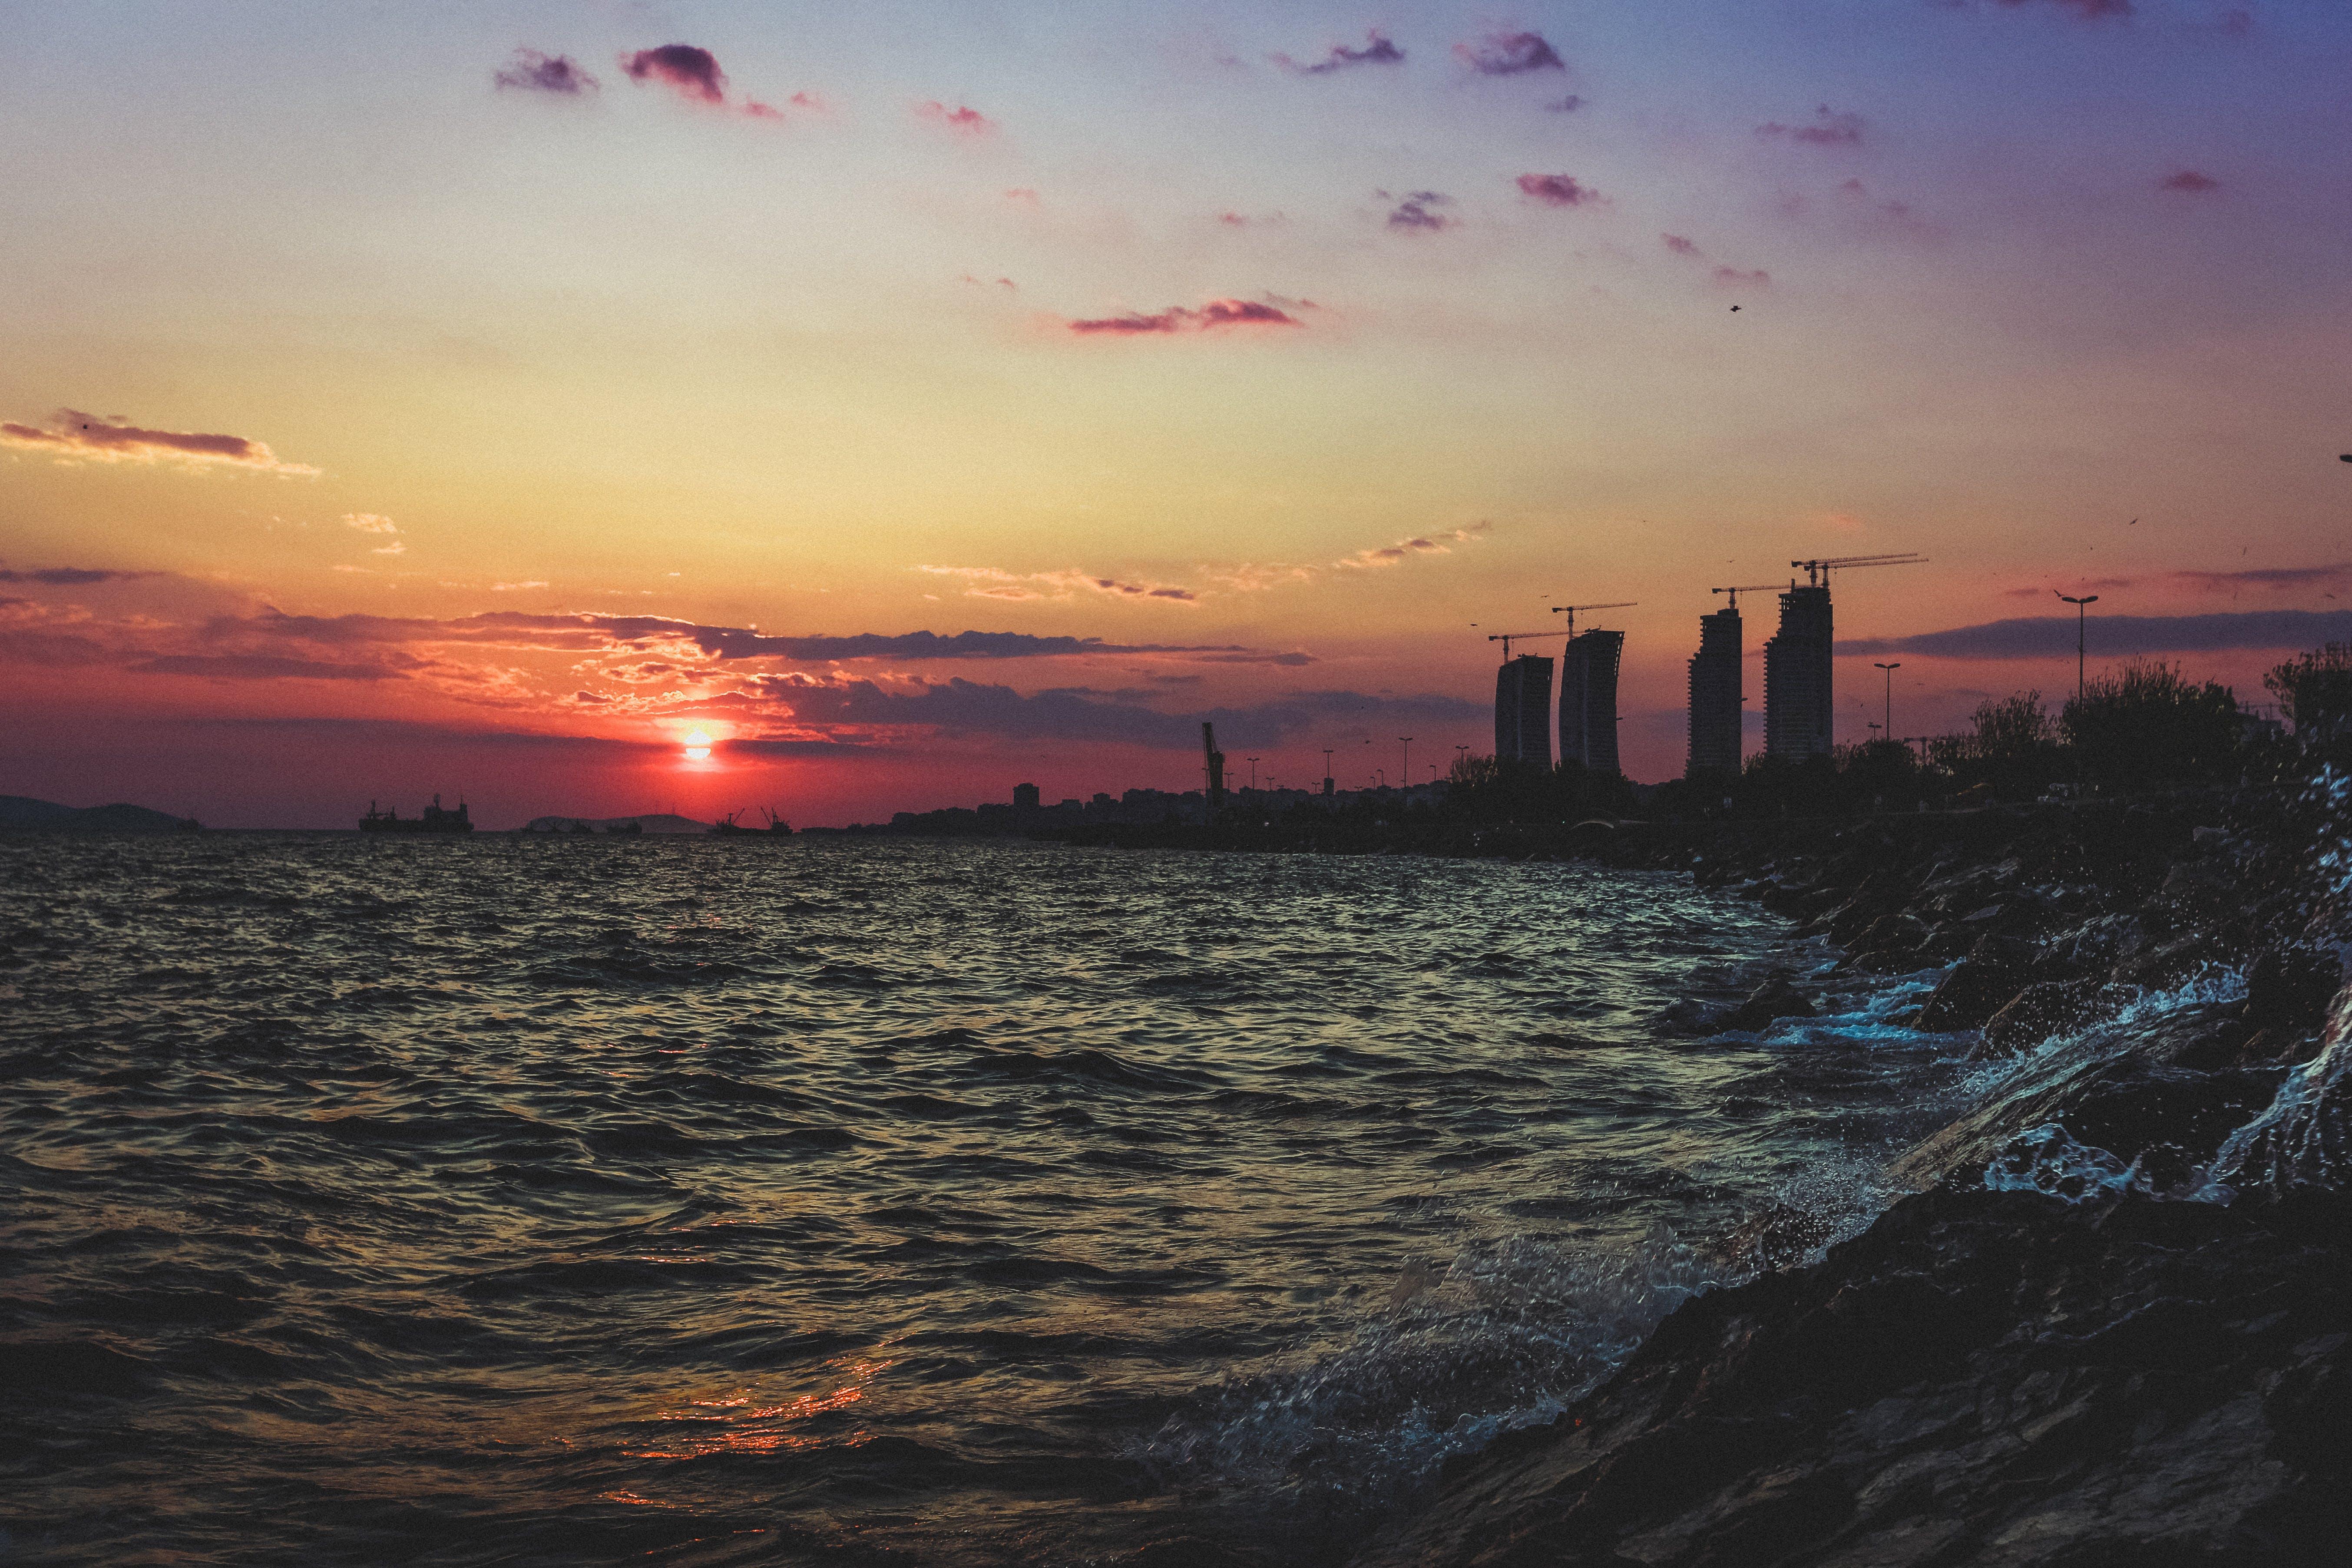 光, 剪影, 反射, 地平線 的 免费素材照片